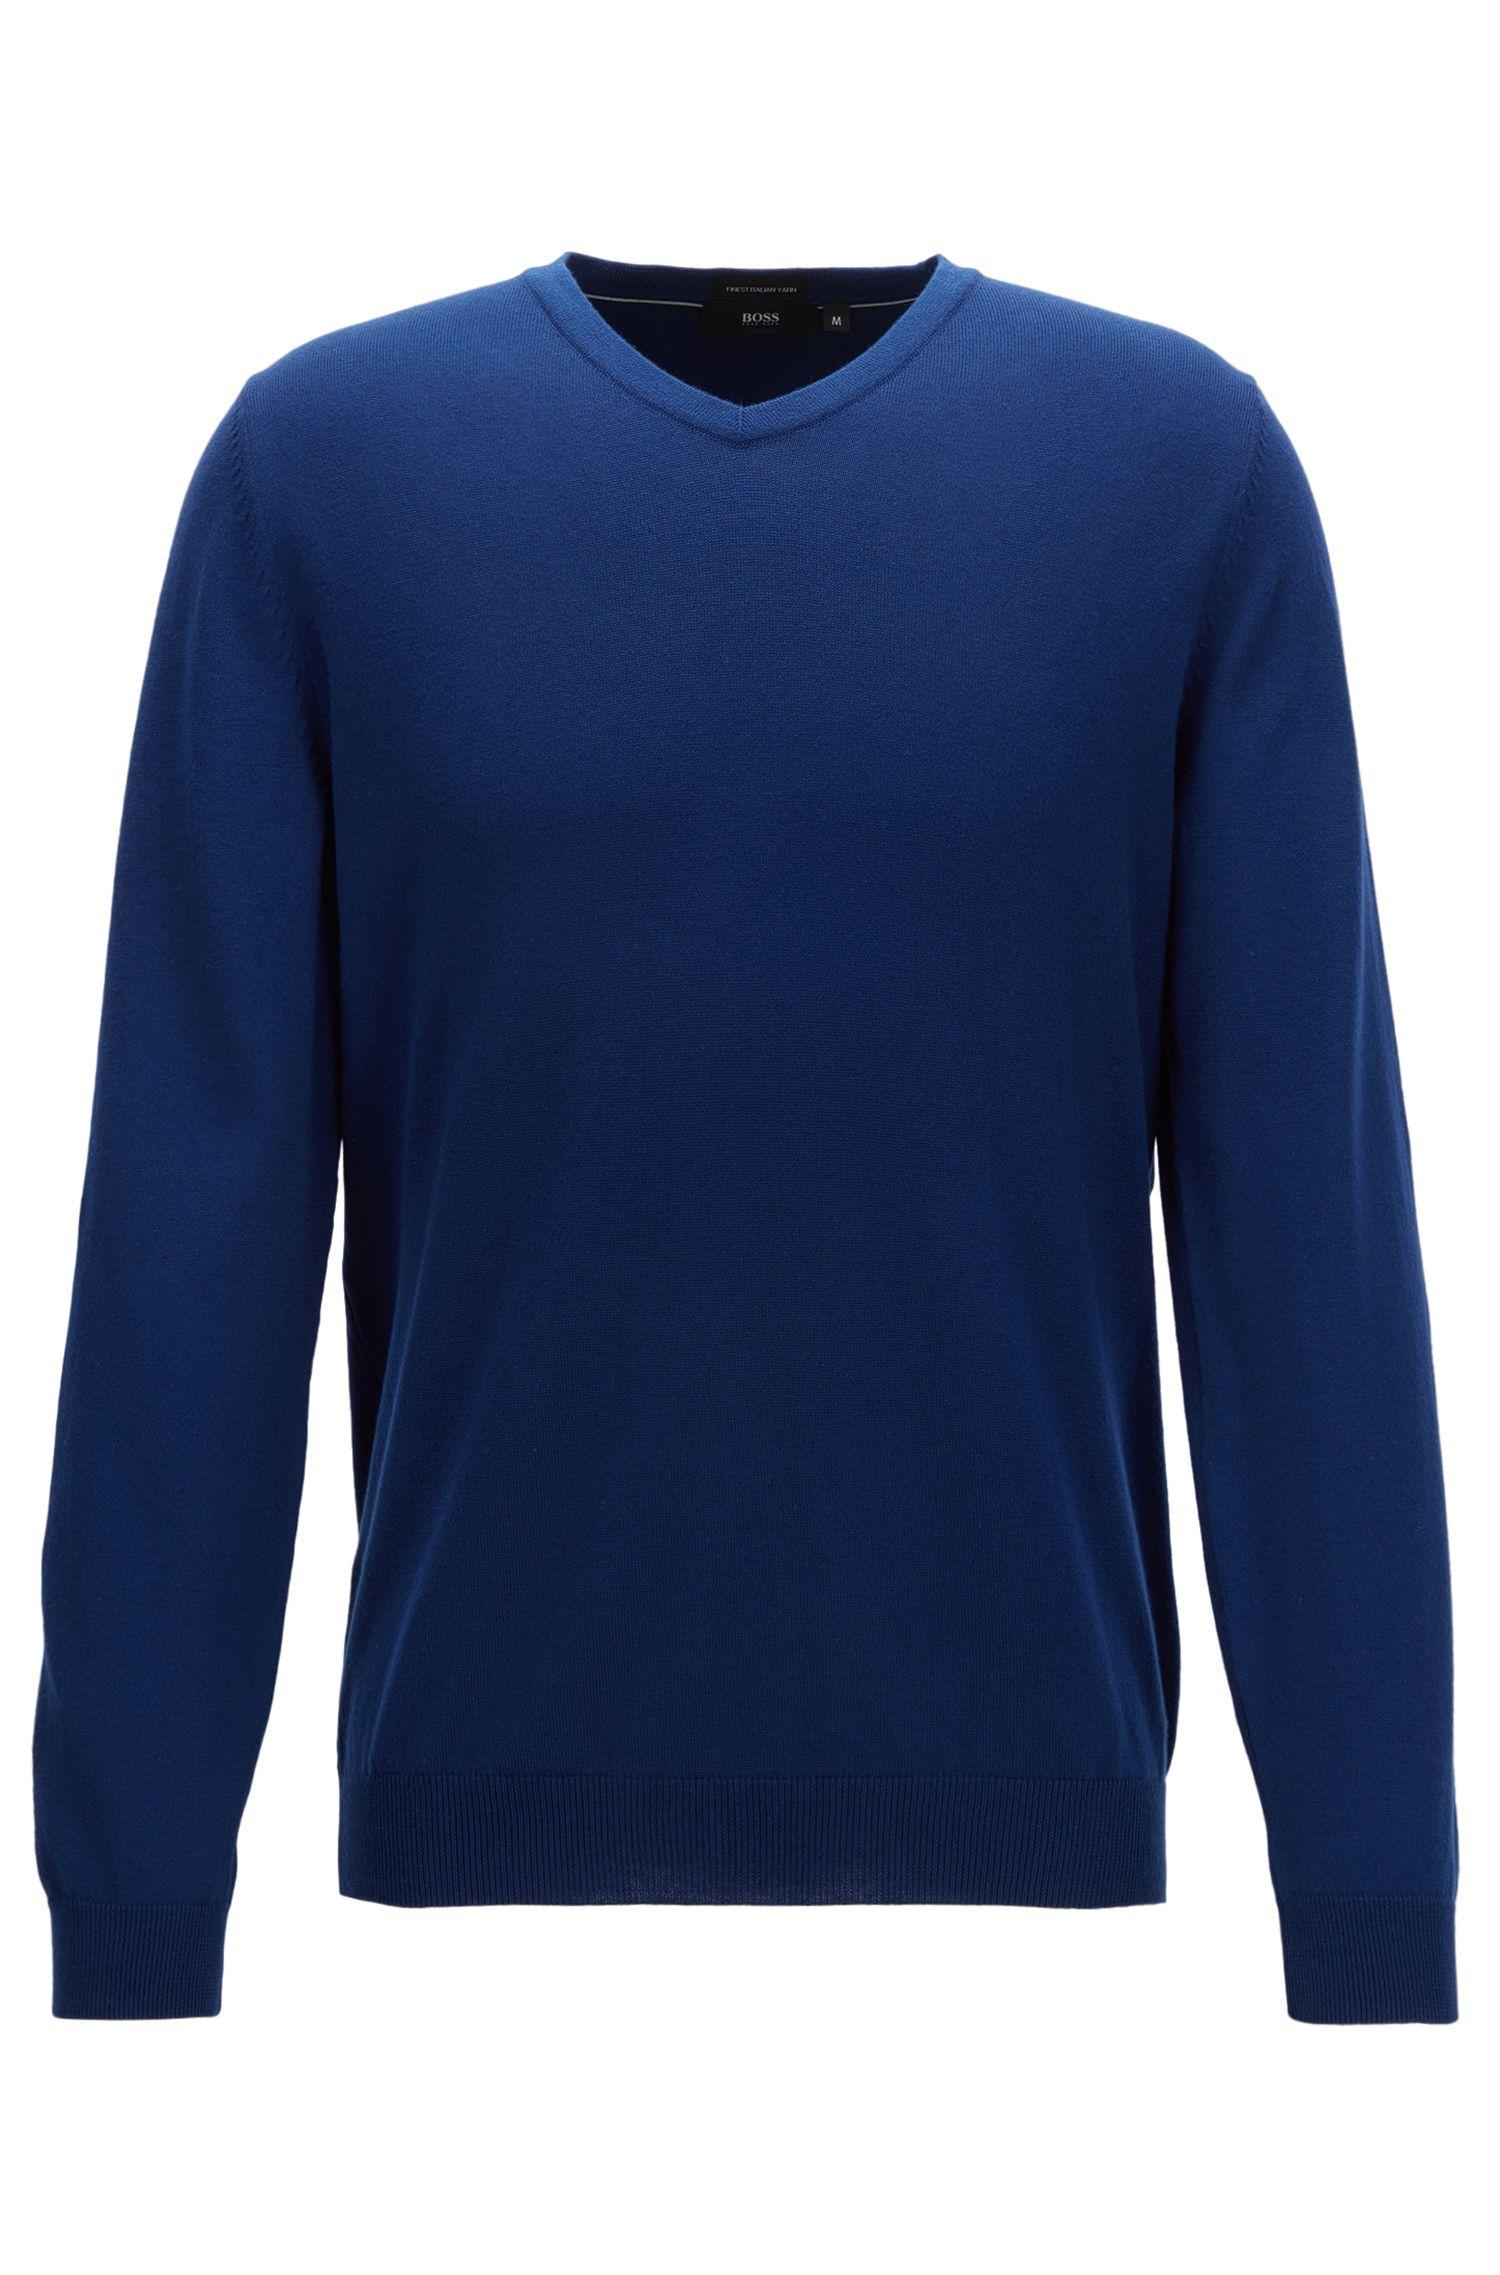 Pullover aus italienischer Baumwolle mit V-Ausschnitt